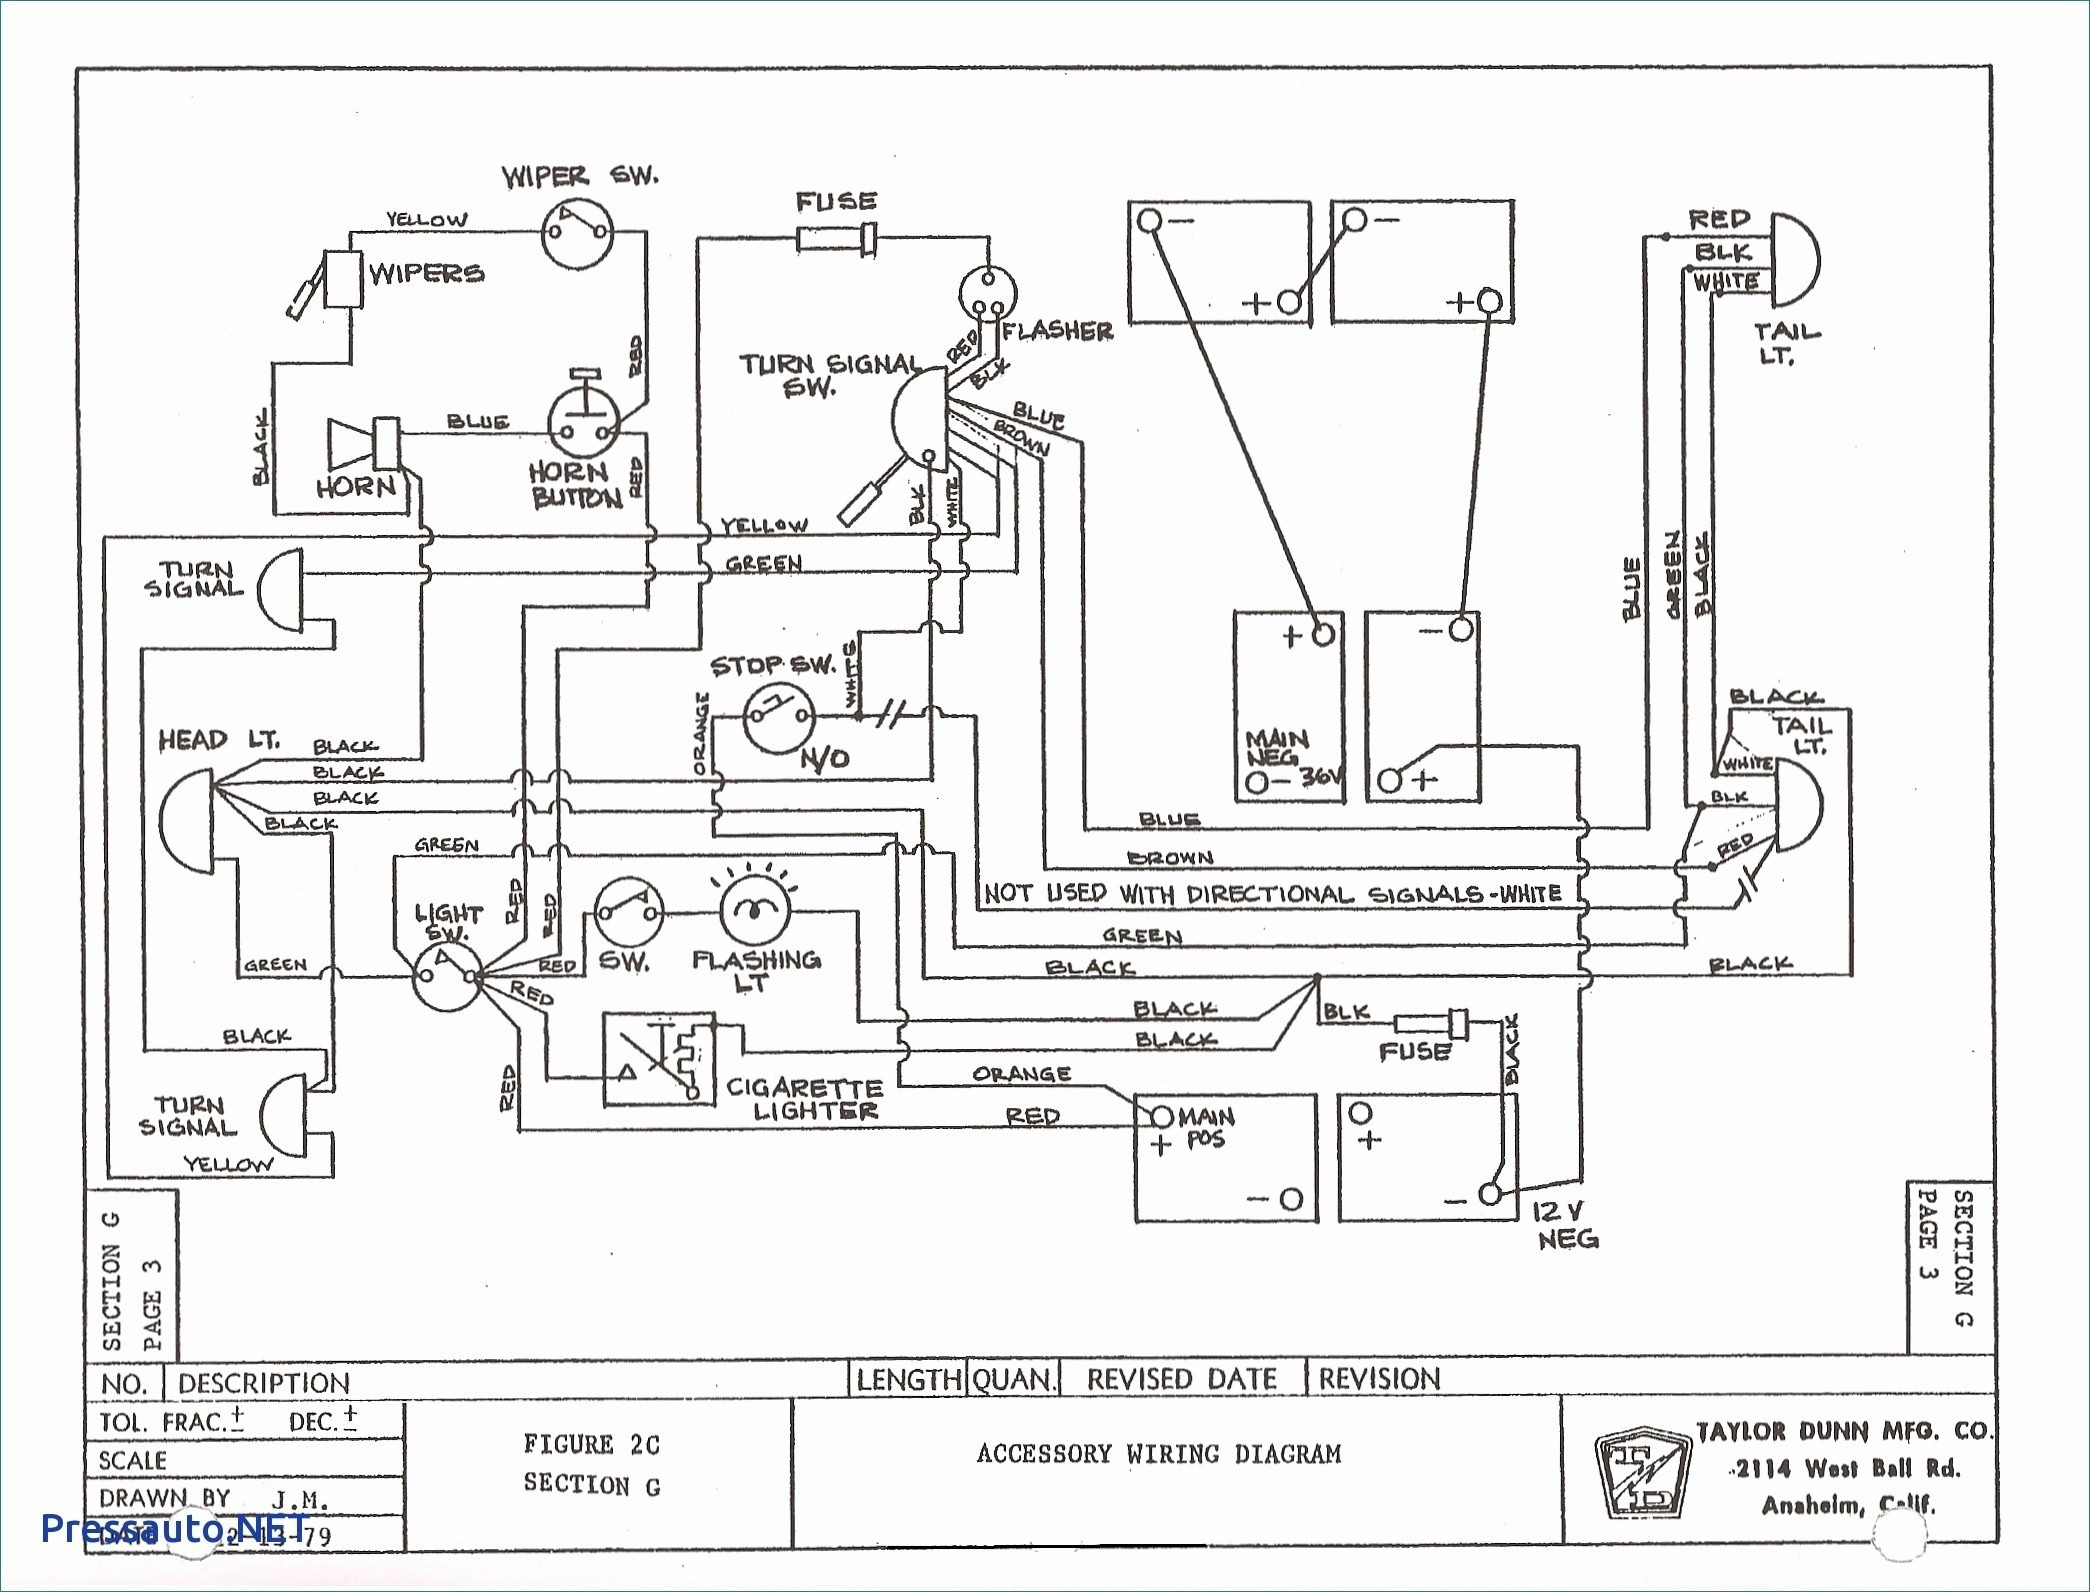 1995 Club Car Wiring Forward Reverse Diagram | Wiring Diagram - Club Car Forward Reverse Switch Wiring Diagram